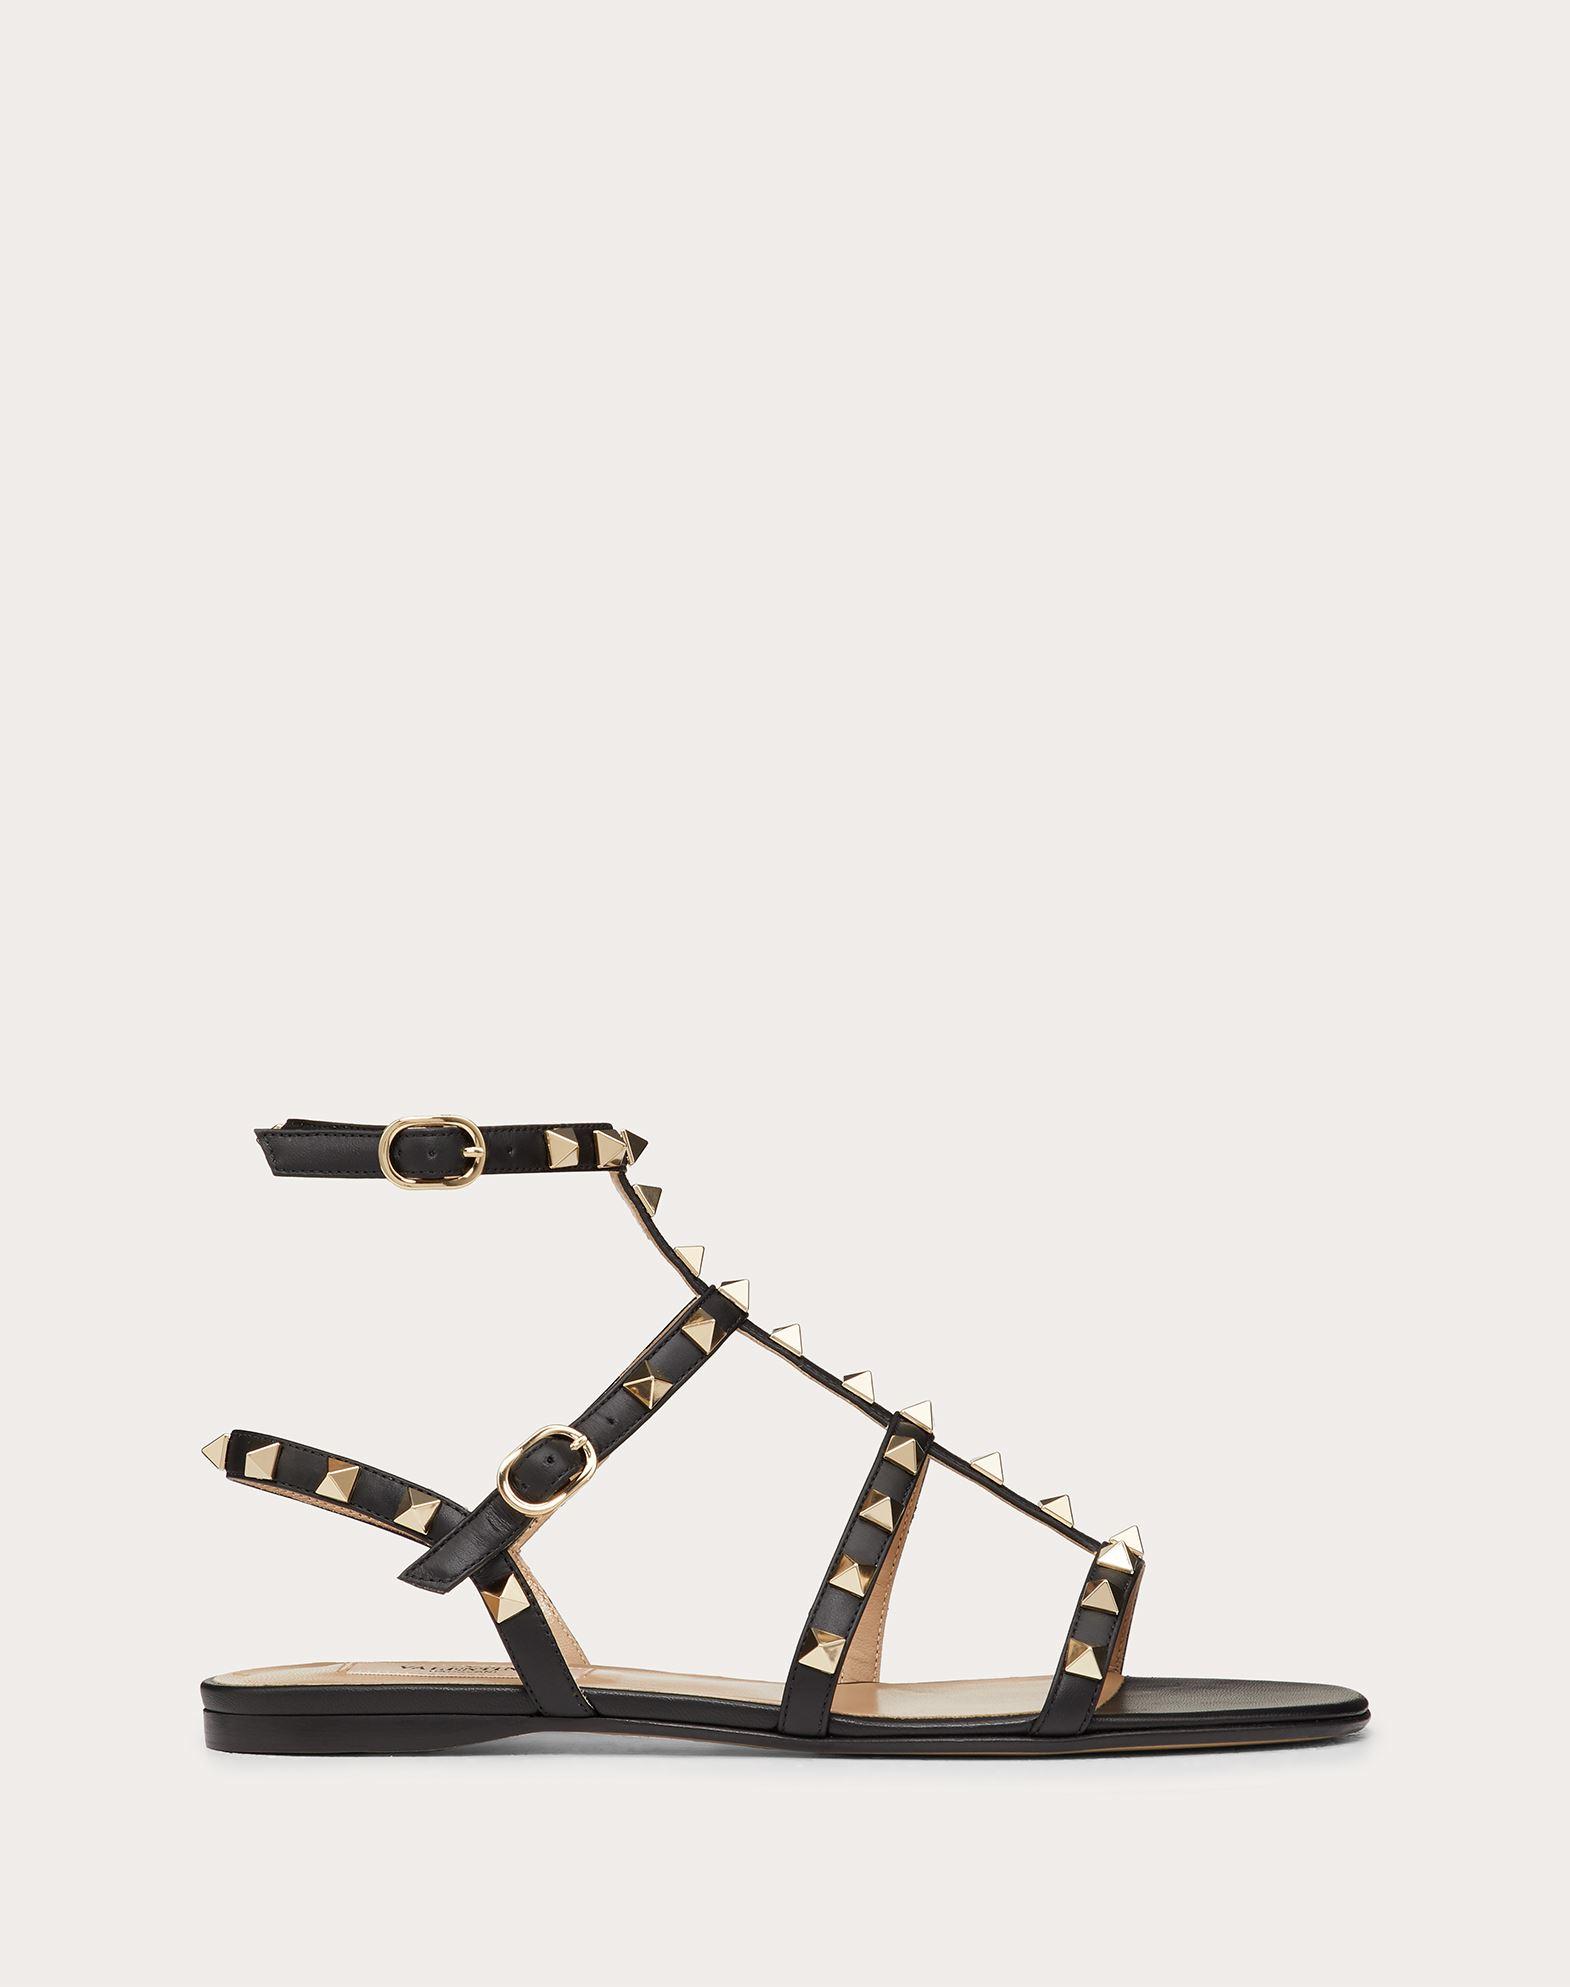 VALENTINO GARAVANI Rockstud Sandal FLAT SANDALS D f